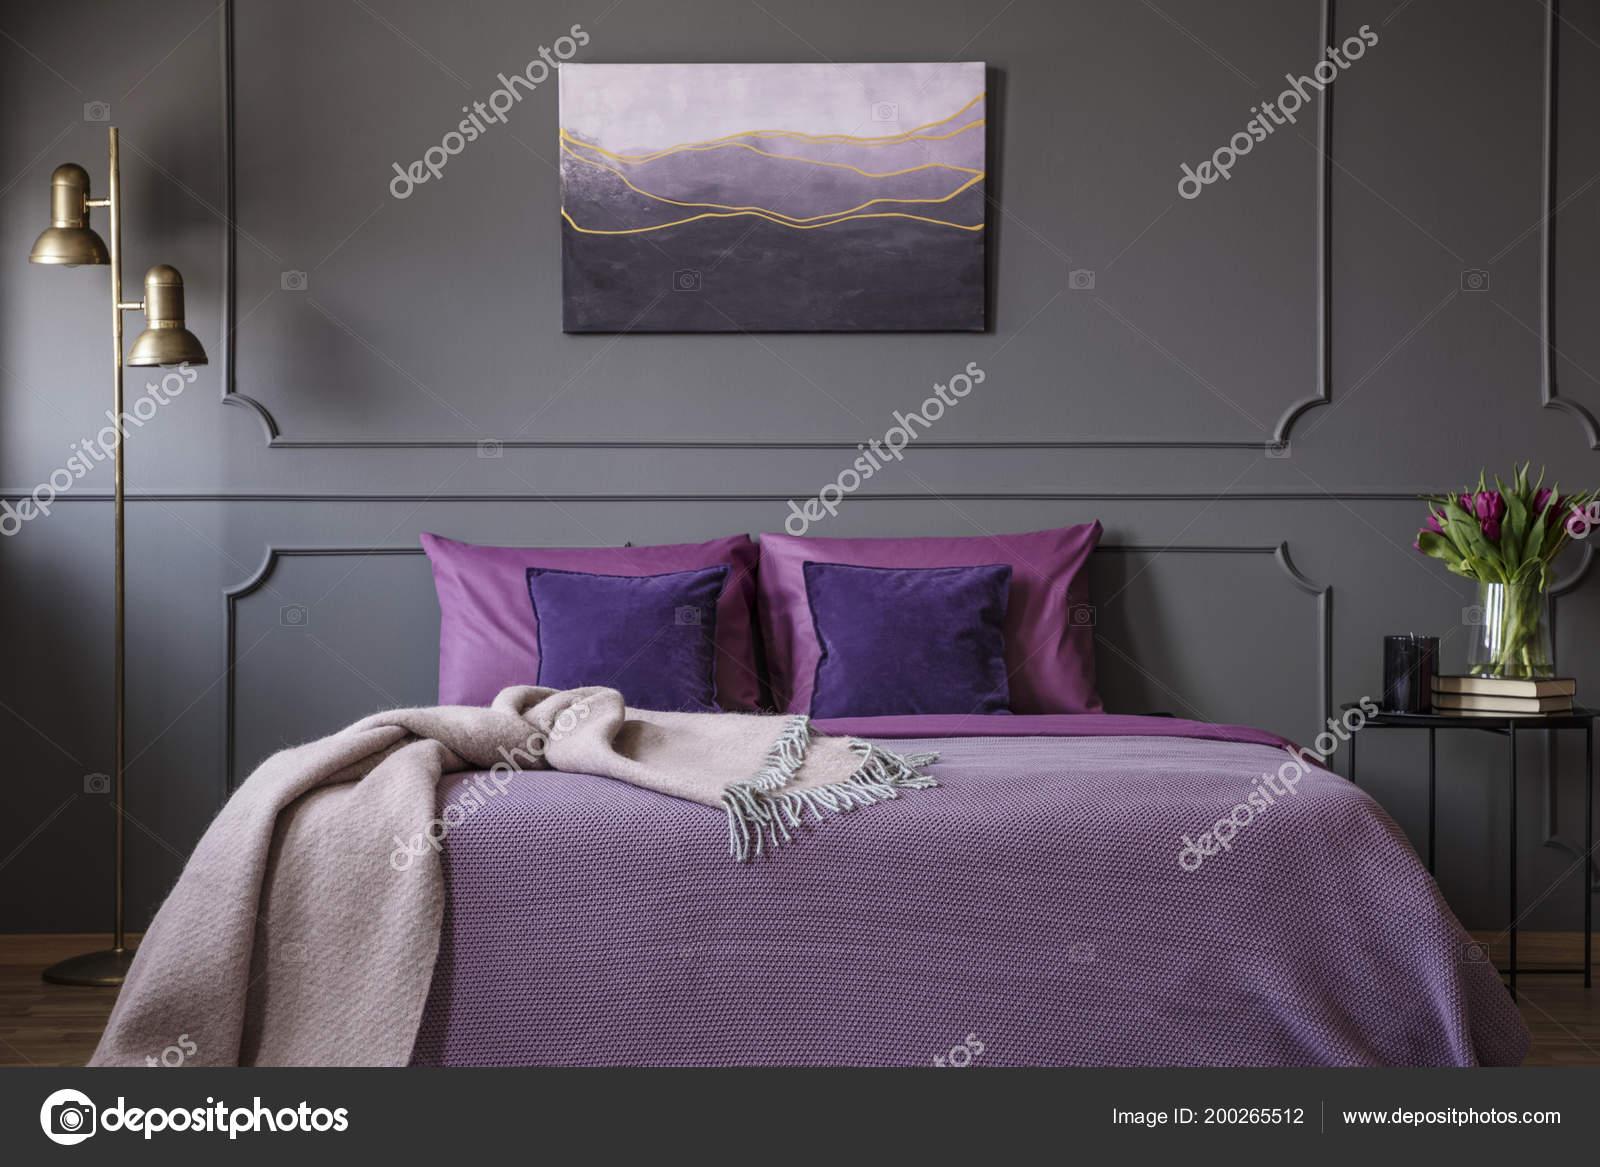 Couverture Rose Sur Lit Violet Intérieur Chambre élégante